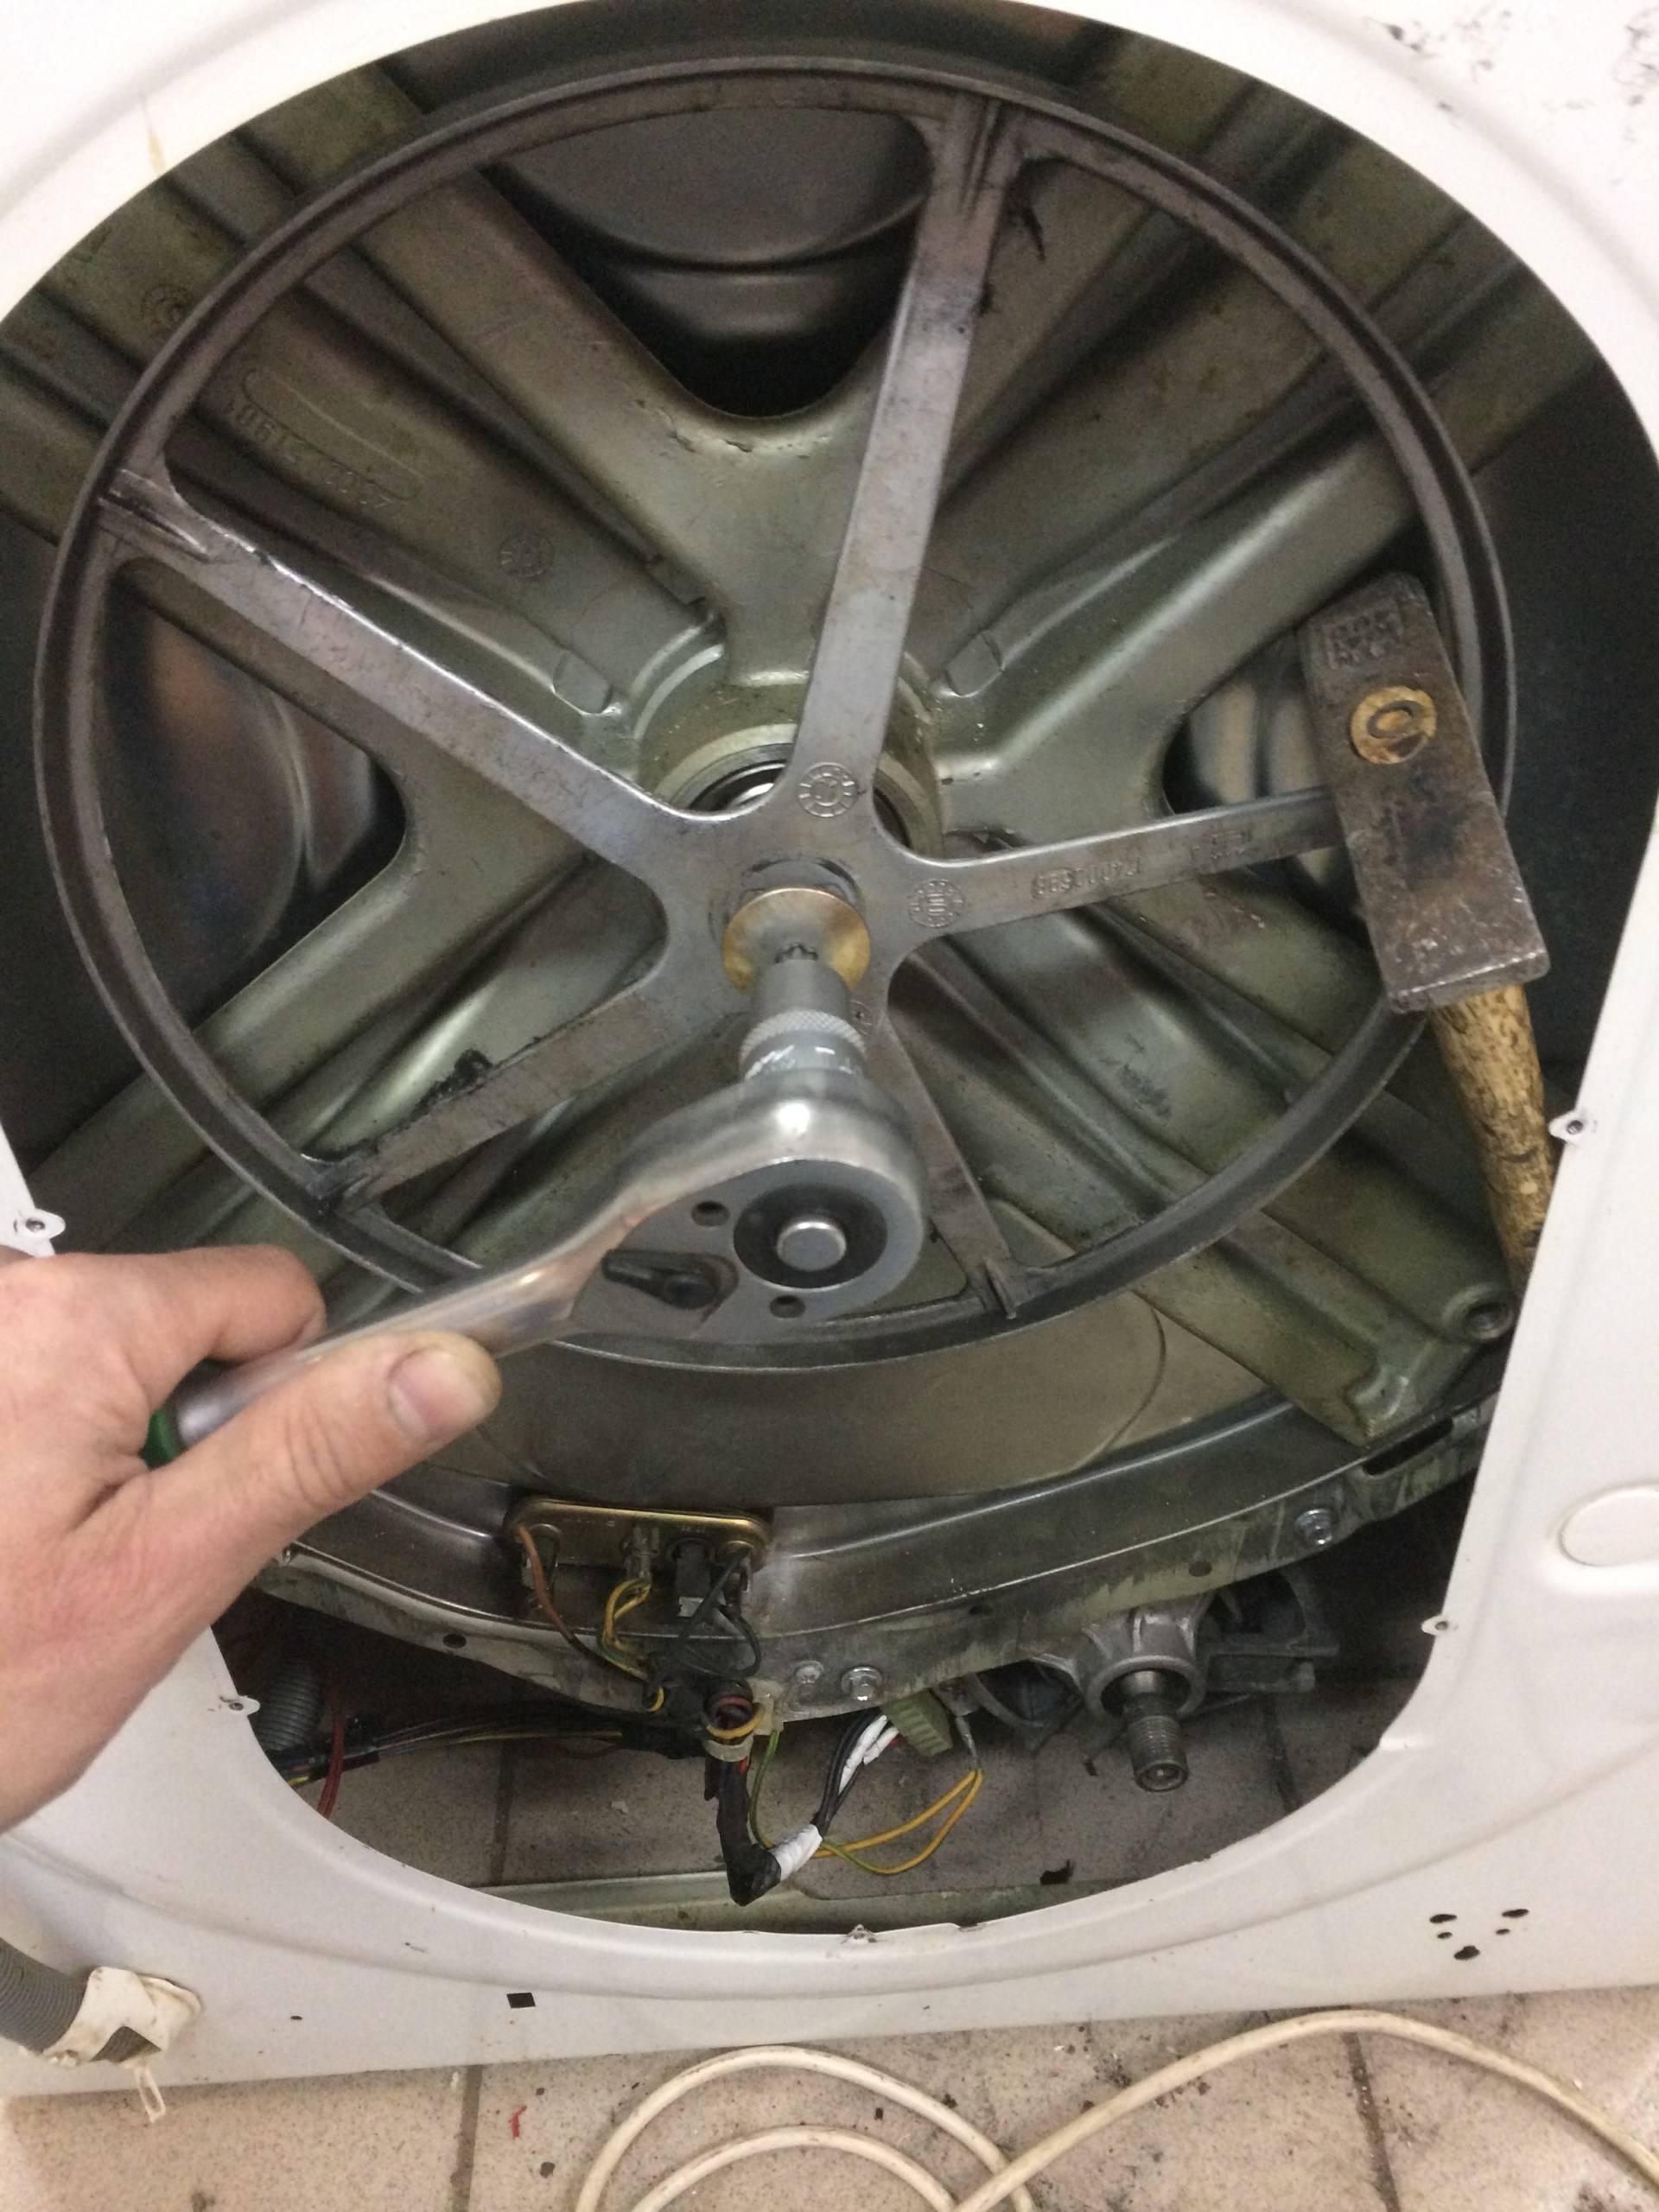 Замена подшипника на стиральной машине indesit своими руками: видео